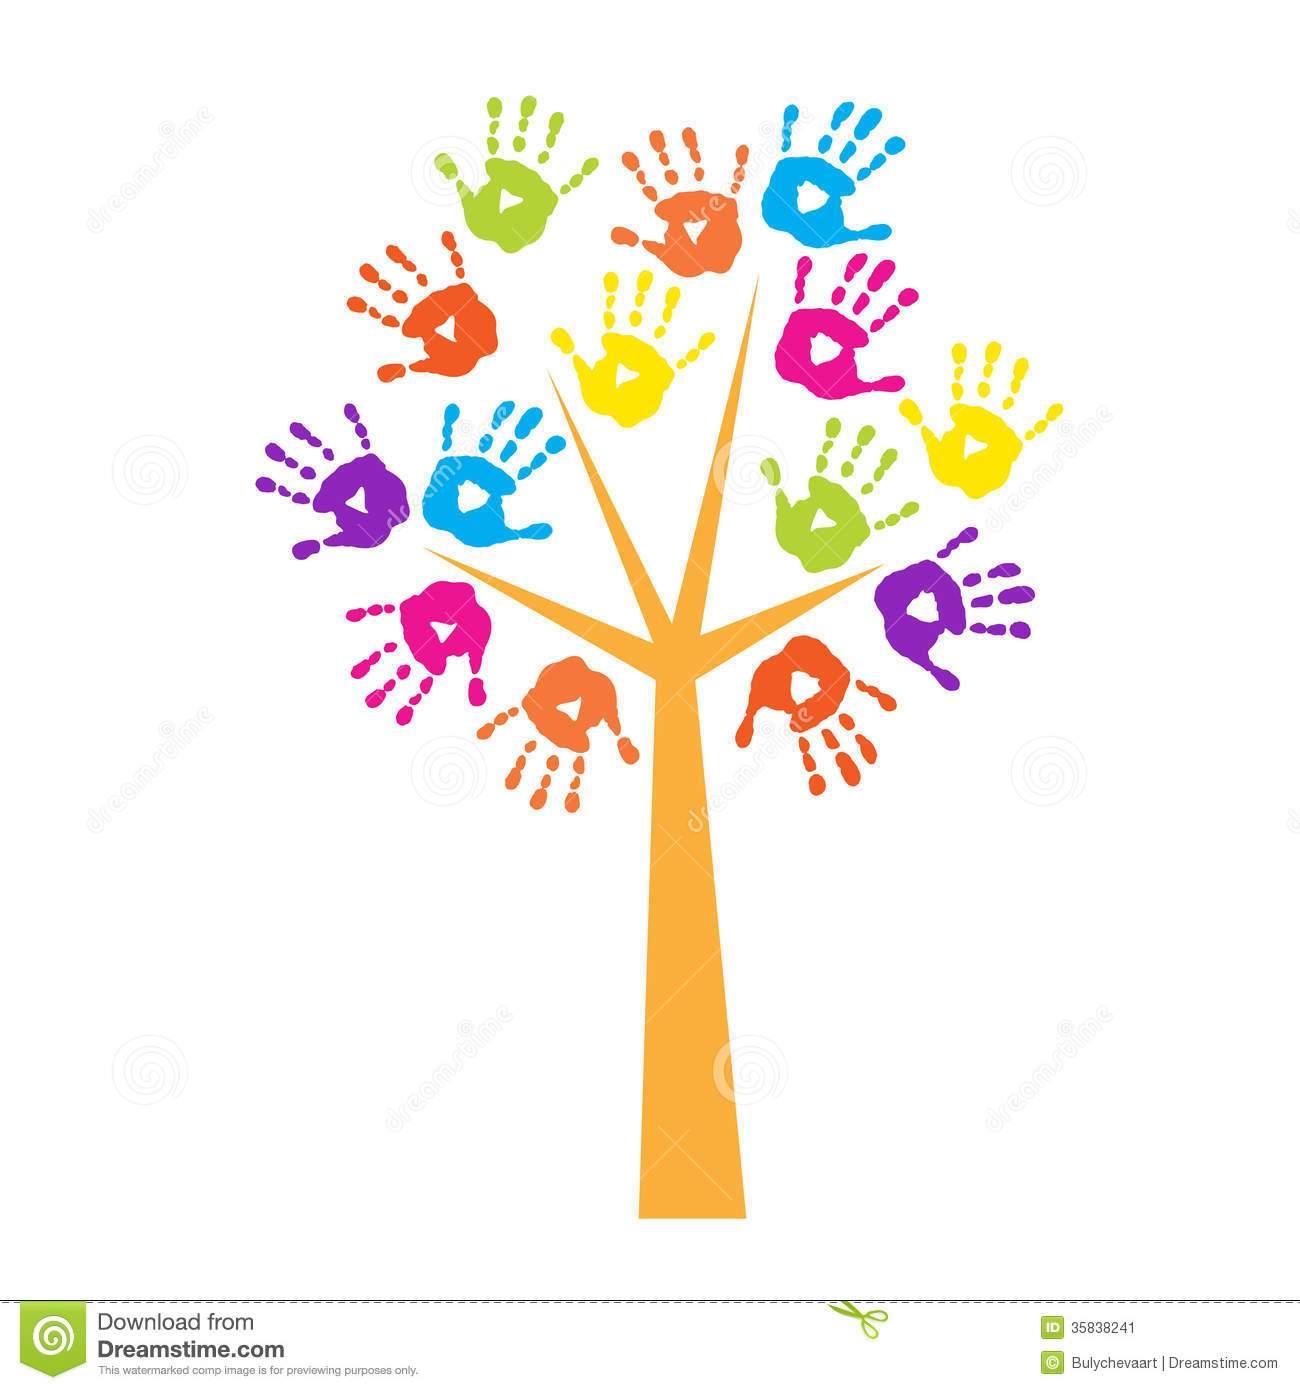 Handprint tree clipart 1 » Clipart Portal.